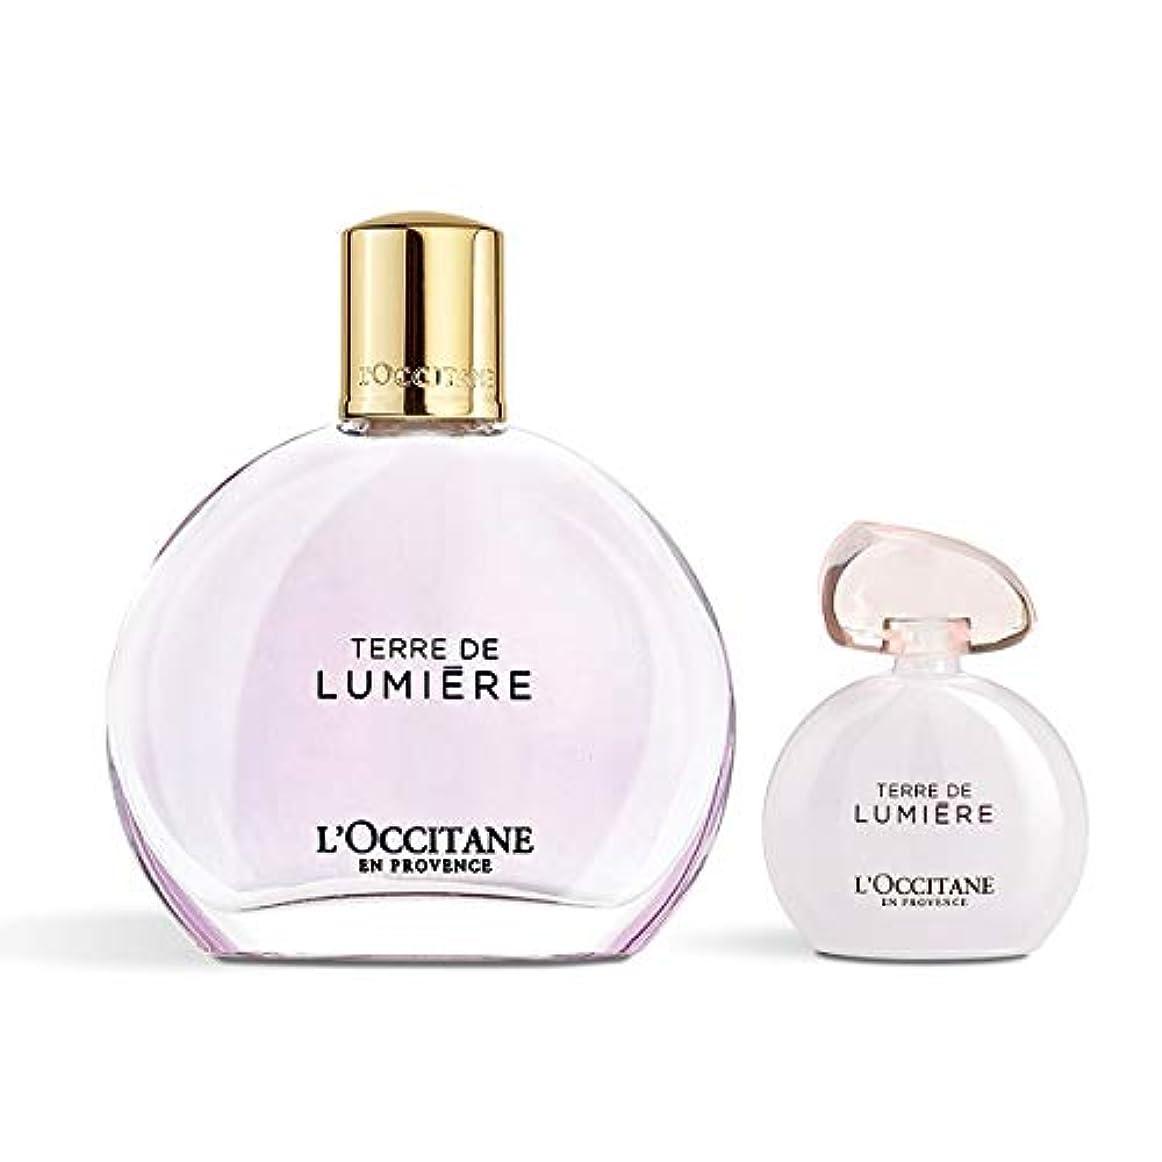 テレックス化合物場合ロクシタン(L'OCCITANE) テール ド ルミエール フレグランスヘアミストスペシャル